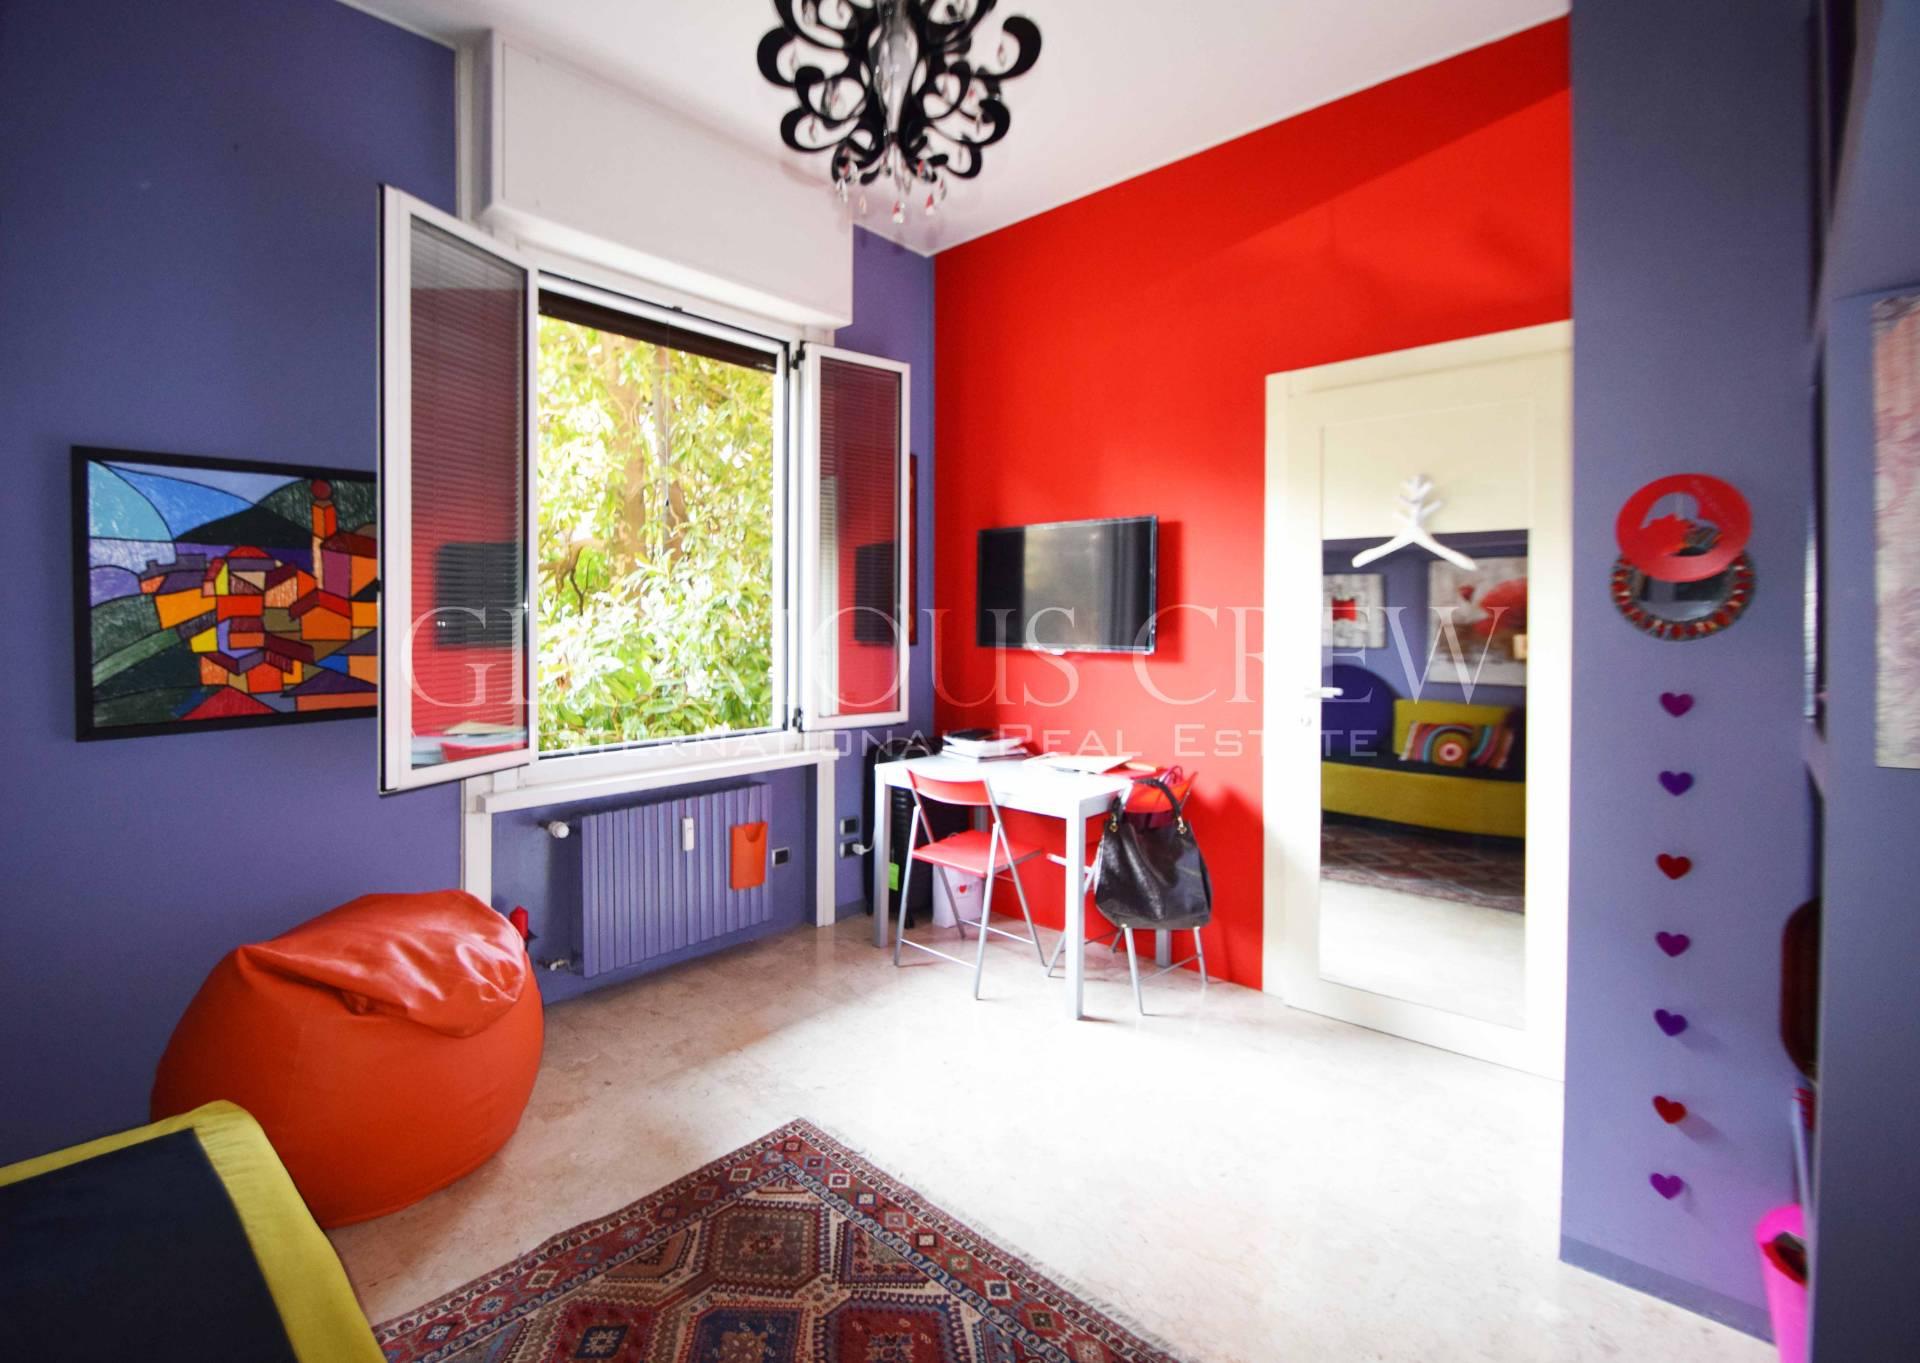 Ufficio-studio in Vendita a Milano 25 Cassala / Famagosta / Lorenteggio / Barona:  1 locali, 25 mq  - Foto 1